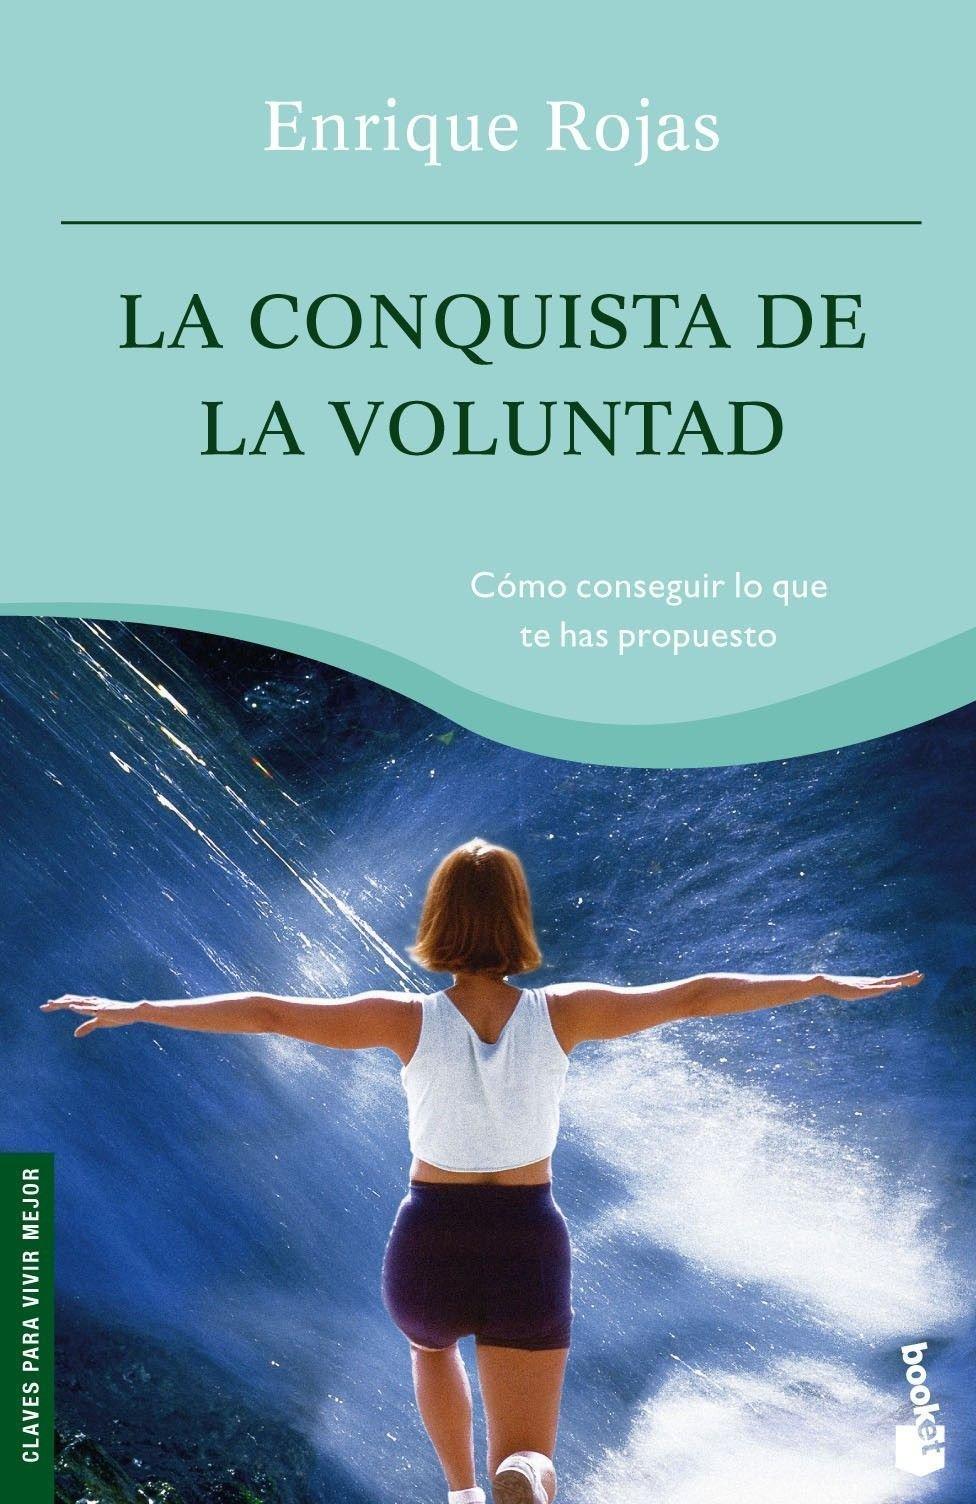 La conquista de la voluntad (Vivir Mejor): Amazon.es: Enrique Rojas: Libros